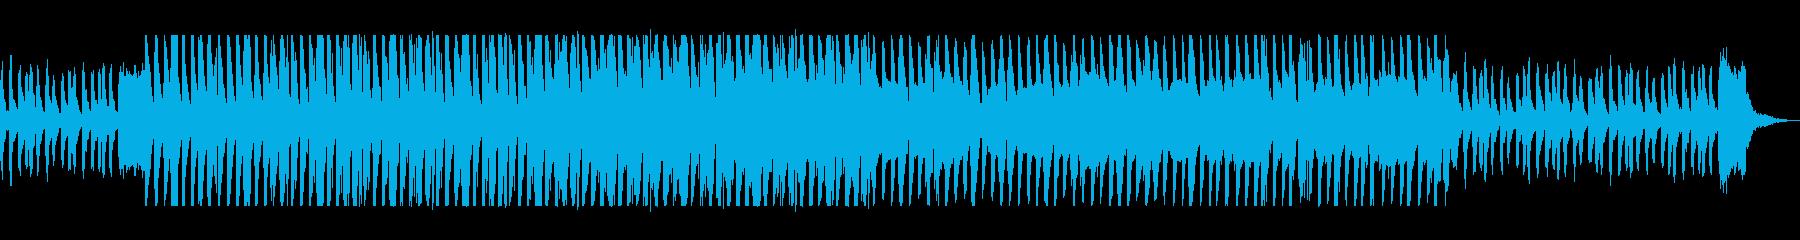 マイナーで軽快なバイオリンテクノポップの再生済みの波形